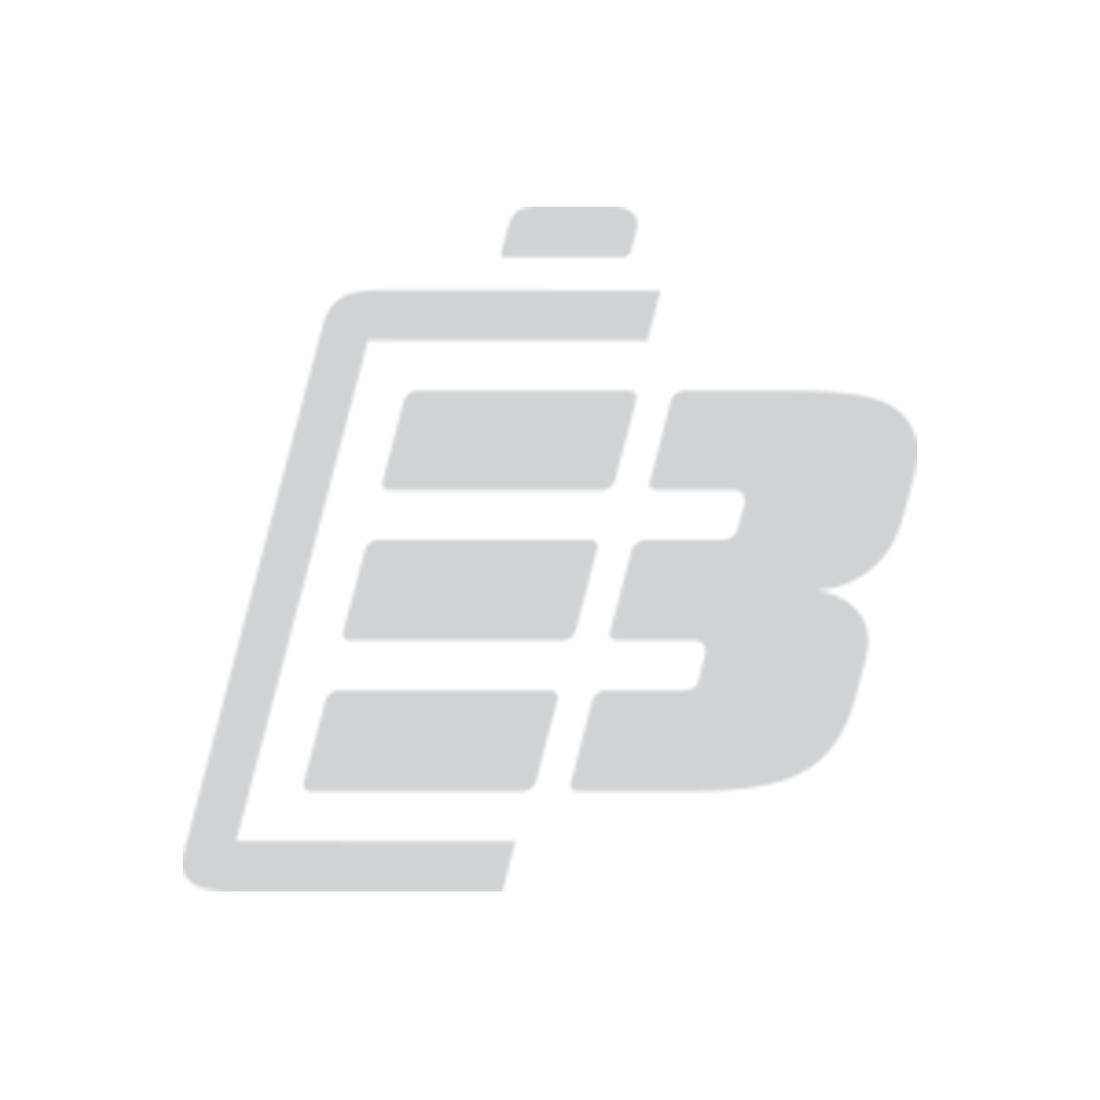 CSB Lead Acid Battery XHRL12410W 4